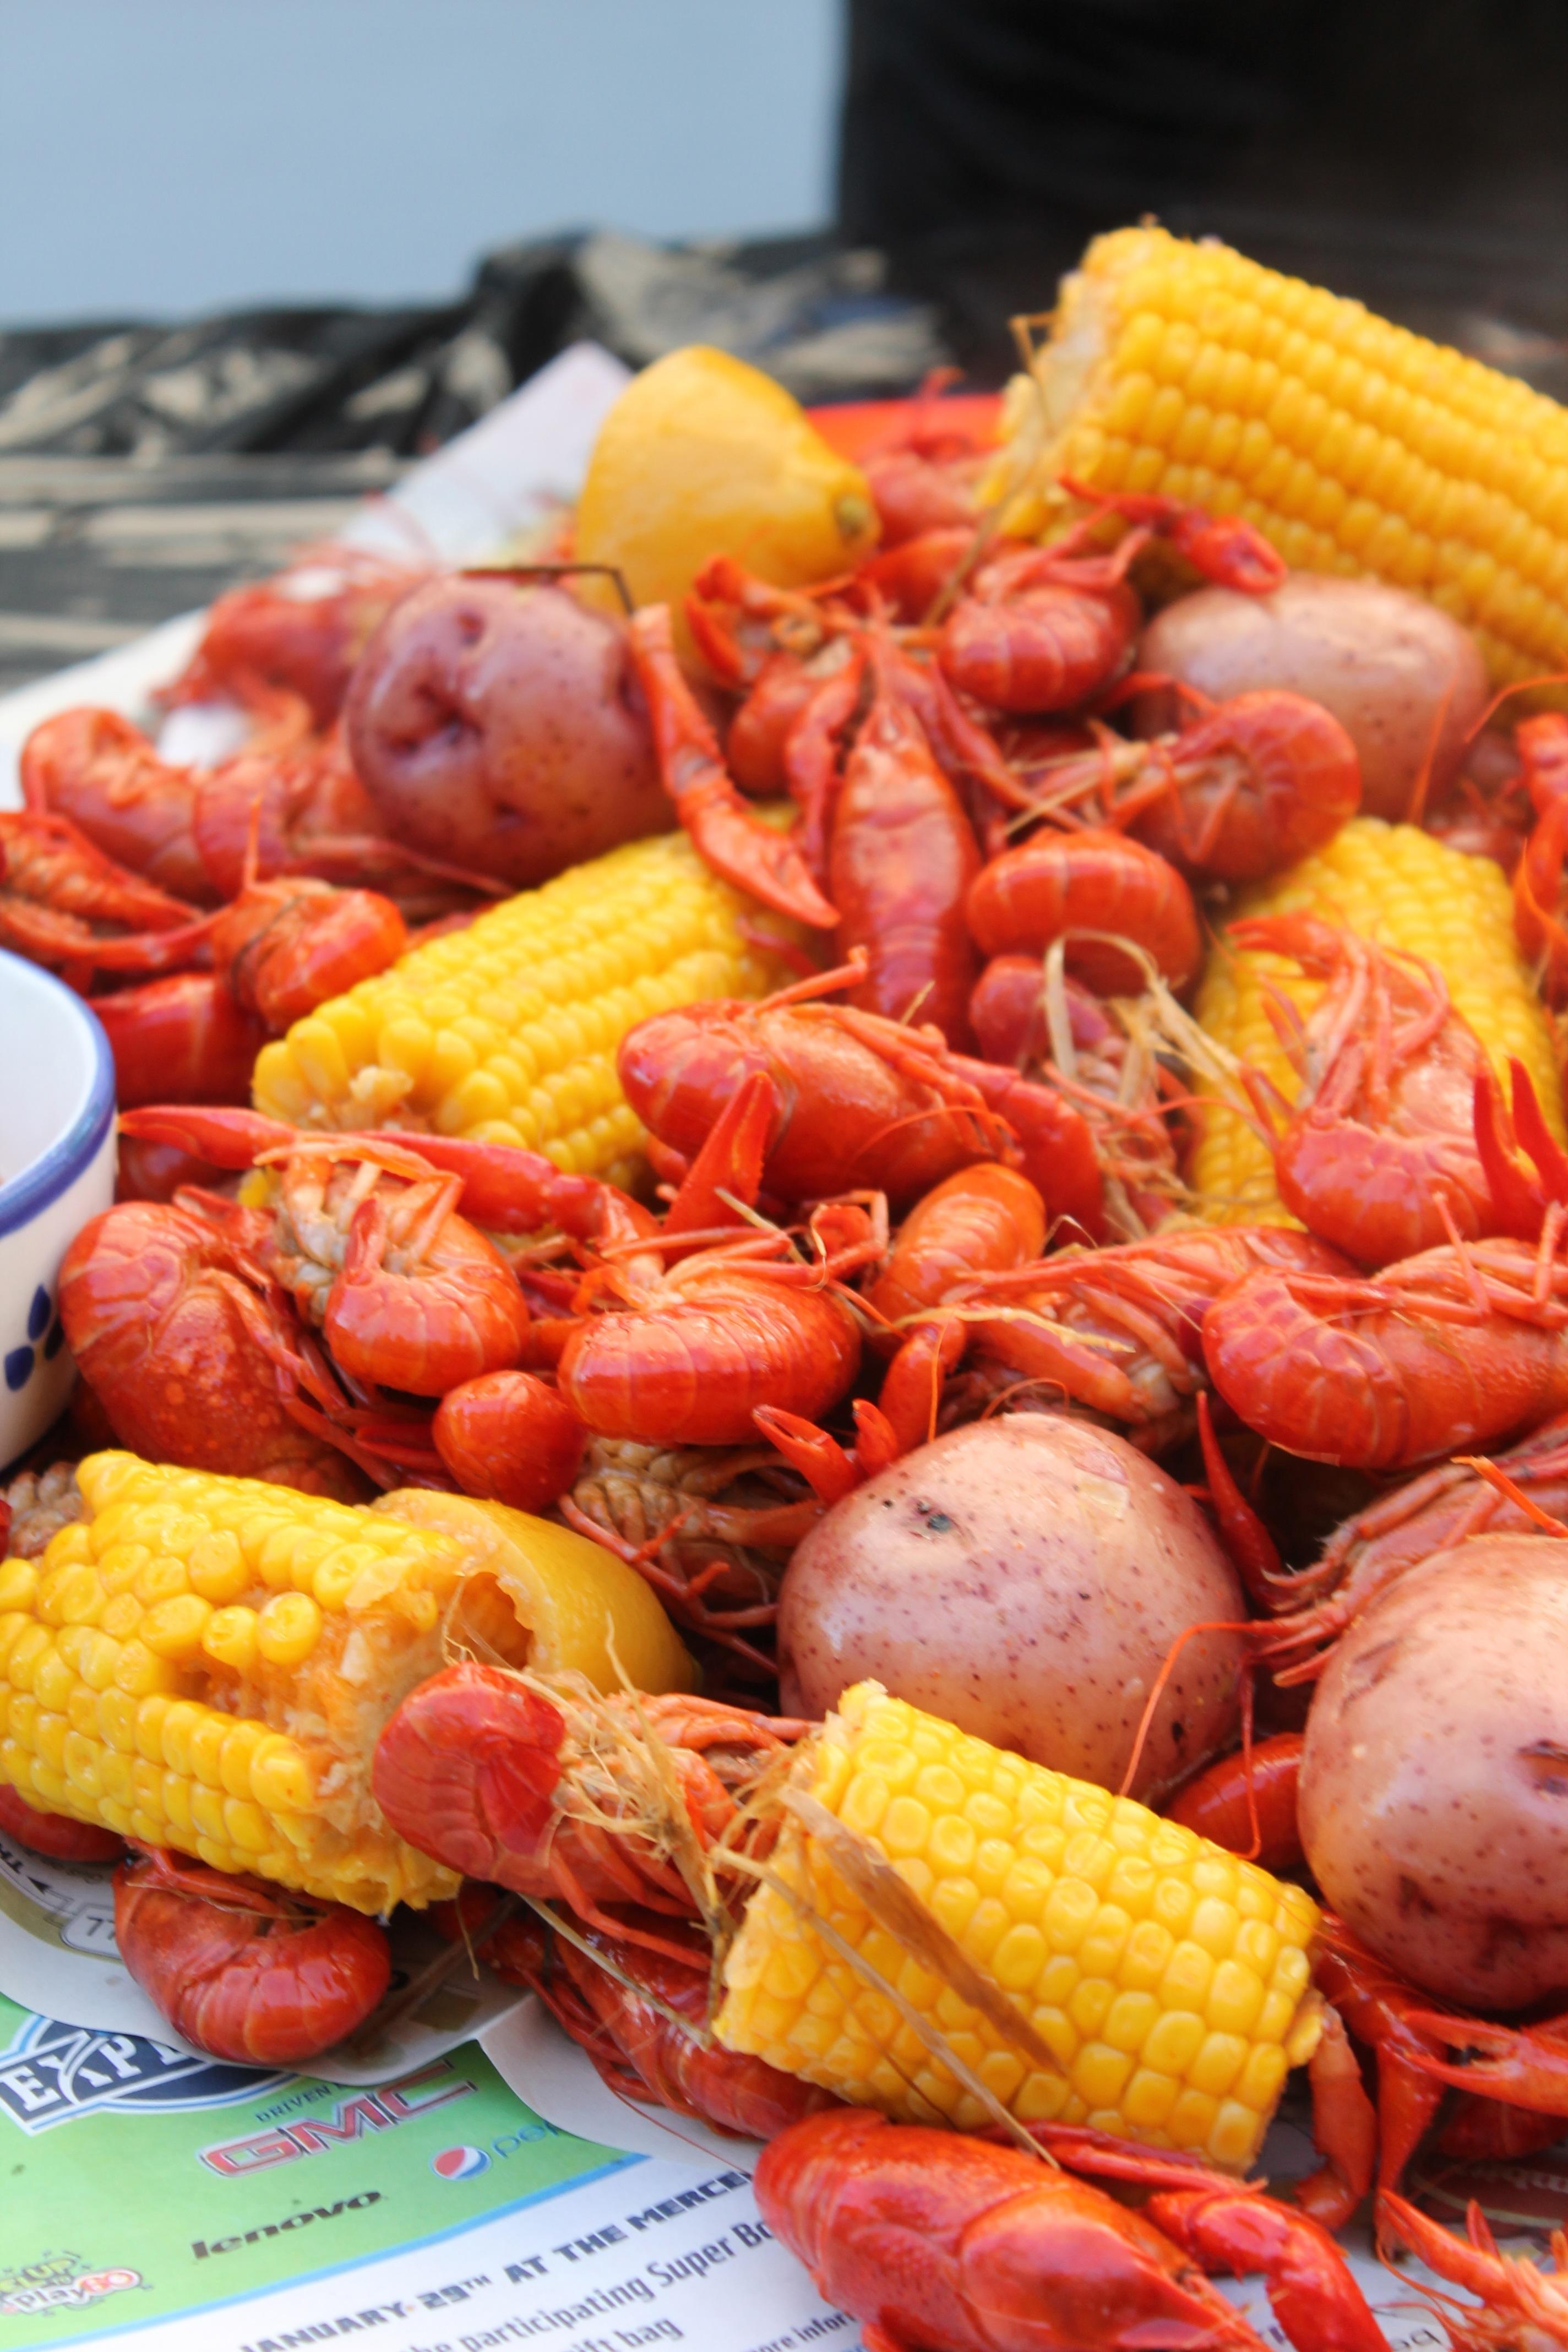 Deanies_Seafood_Louisiana_Crawfish_Awarness_Month_Pinch_A_Palooza